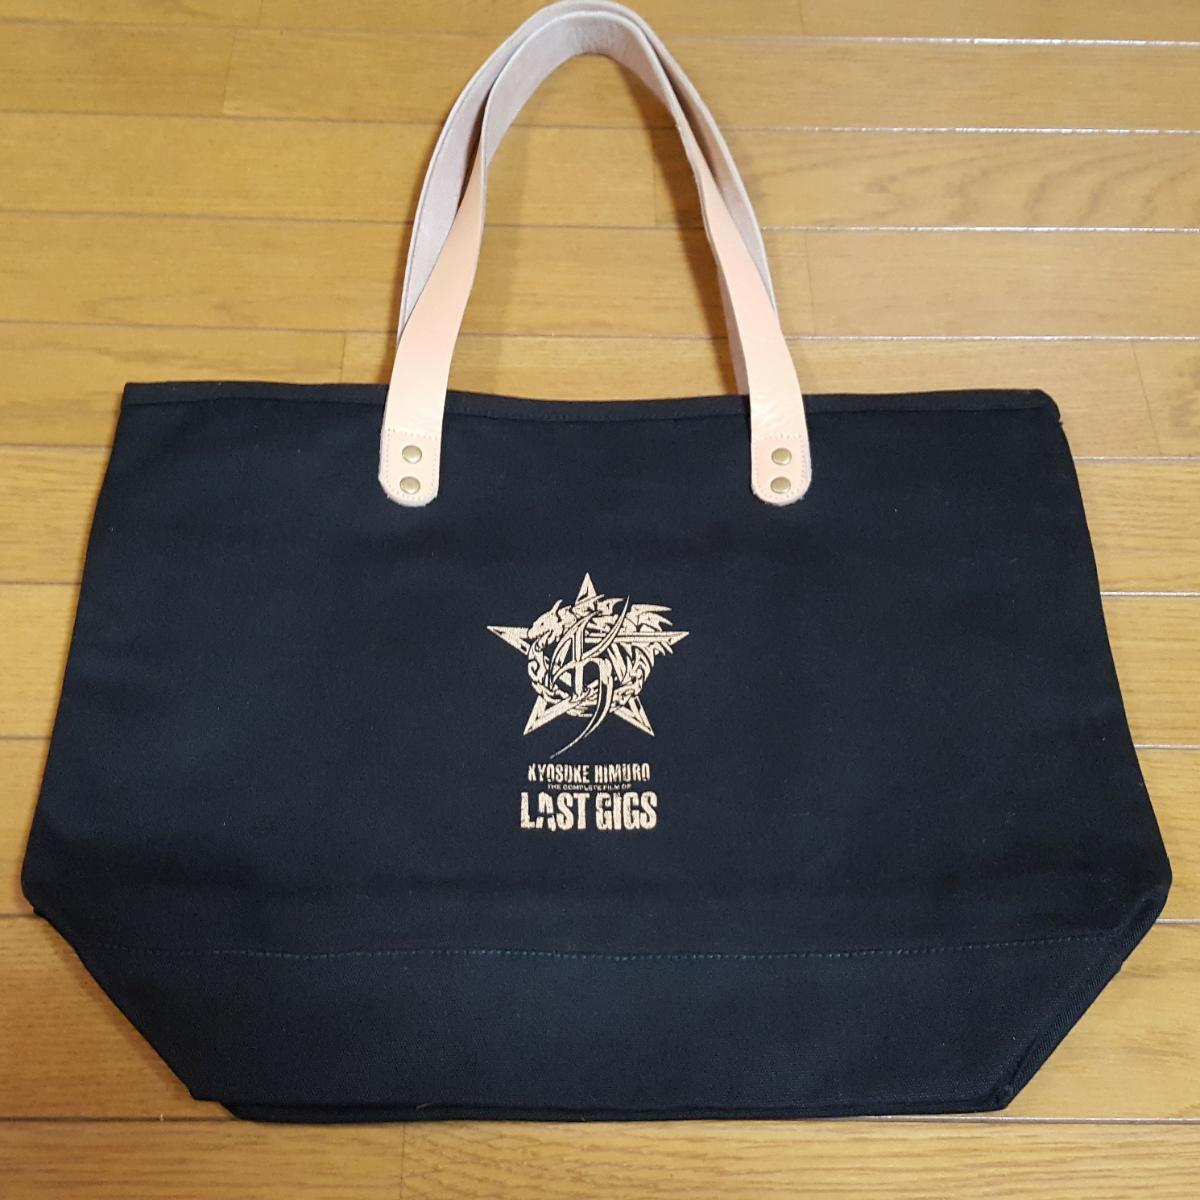 即決 完売品 氷室京介 フィルムコンサート 新品 レザーハンドルトートバッグ 未使用